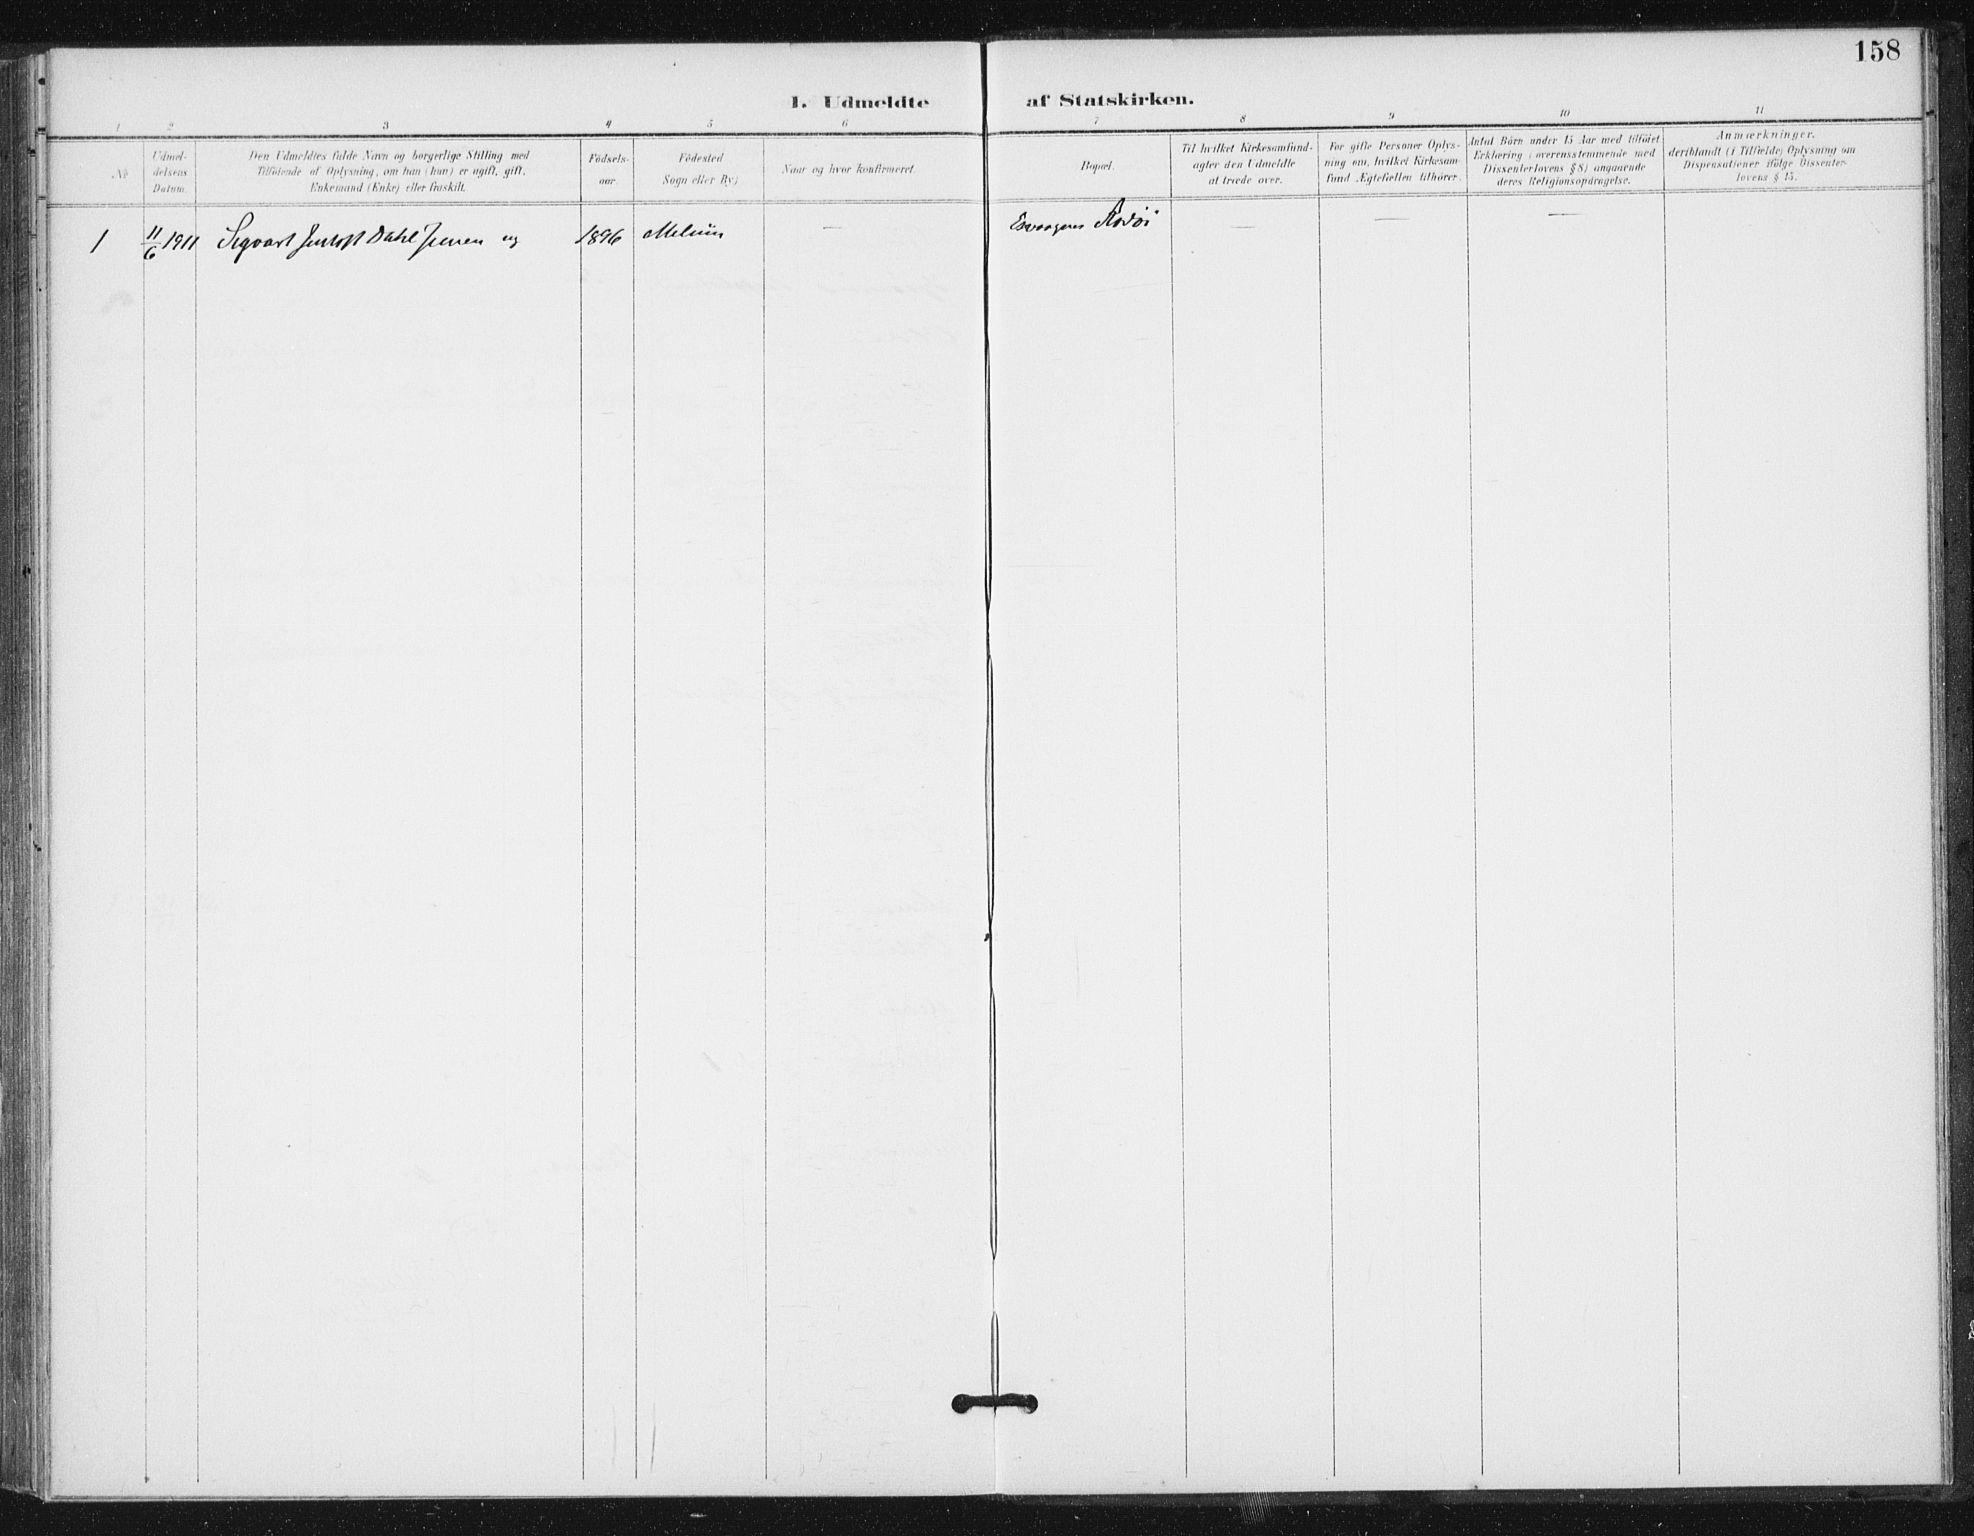 SAT, Ministerialprotokoller, klokkerbøker og fødselsregistre - Sør-Trøndelag, 654/L0664: Ministerialbok nr. 654A02, 1895-1907, s. 158